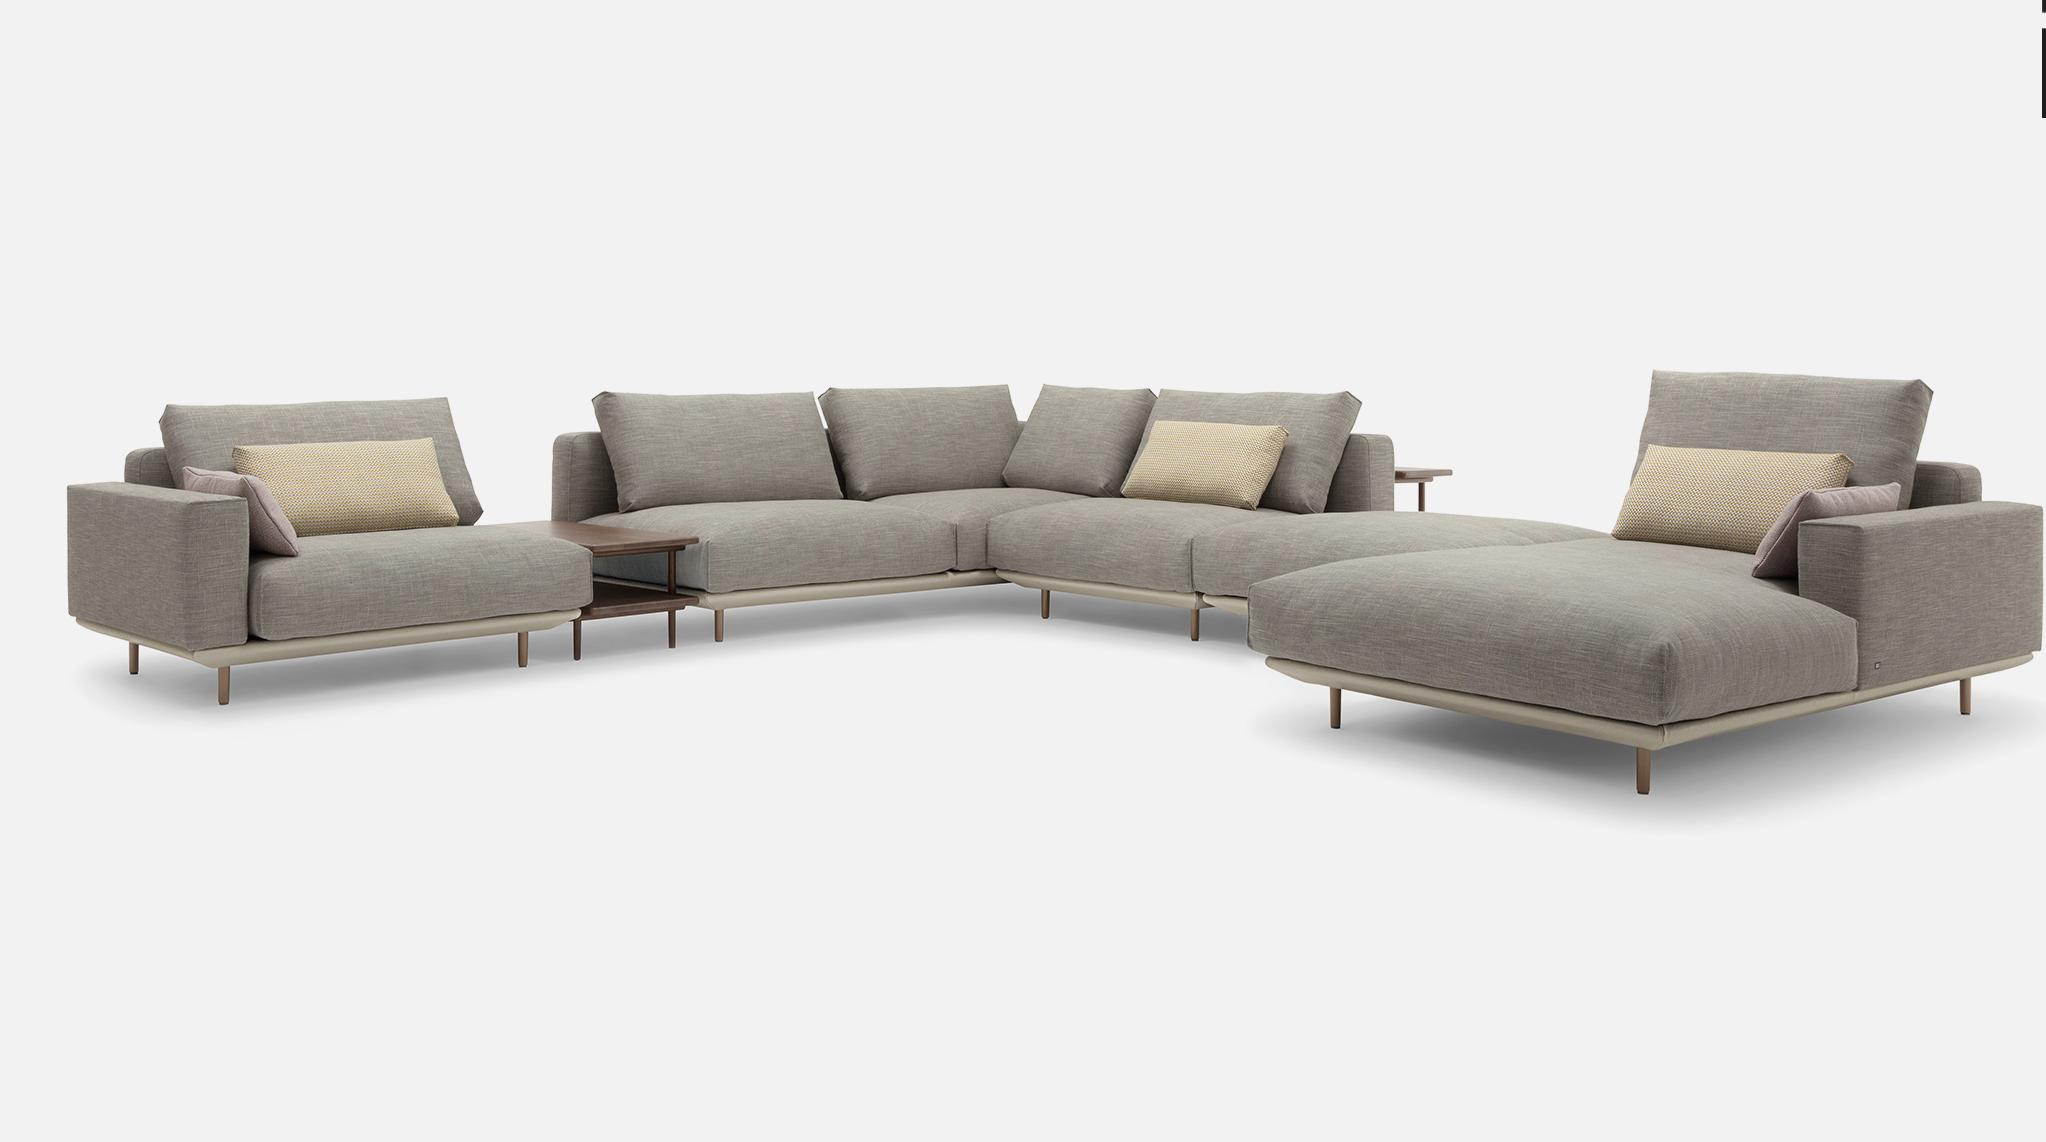 Rolf Benz Volo sofa zetel zitbank in interieurwinkel meubelwinkel design Loncin in Leuven Hasselt Mechelen Brussels Bruxelles Antwerpen Sint-Truiden Limburg en Brabant 2.png